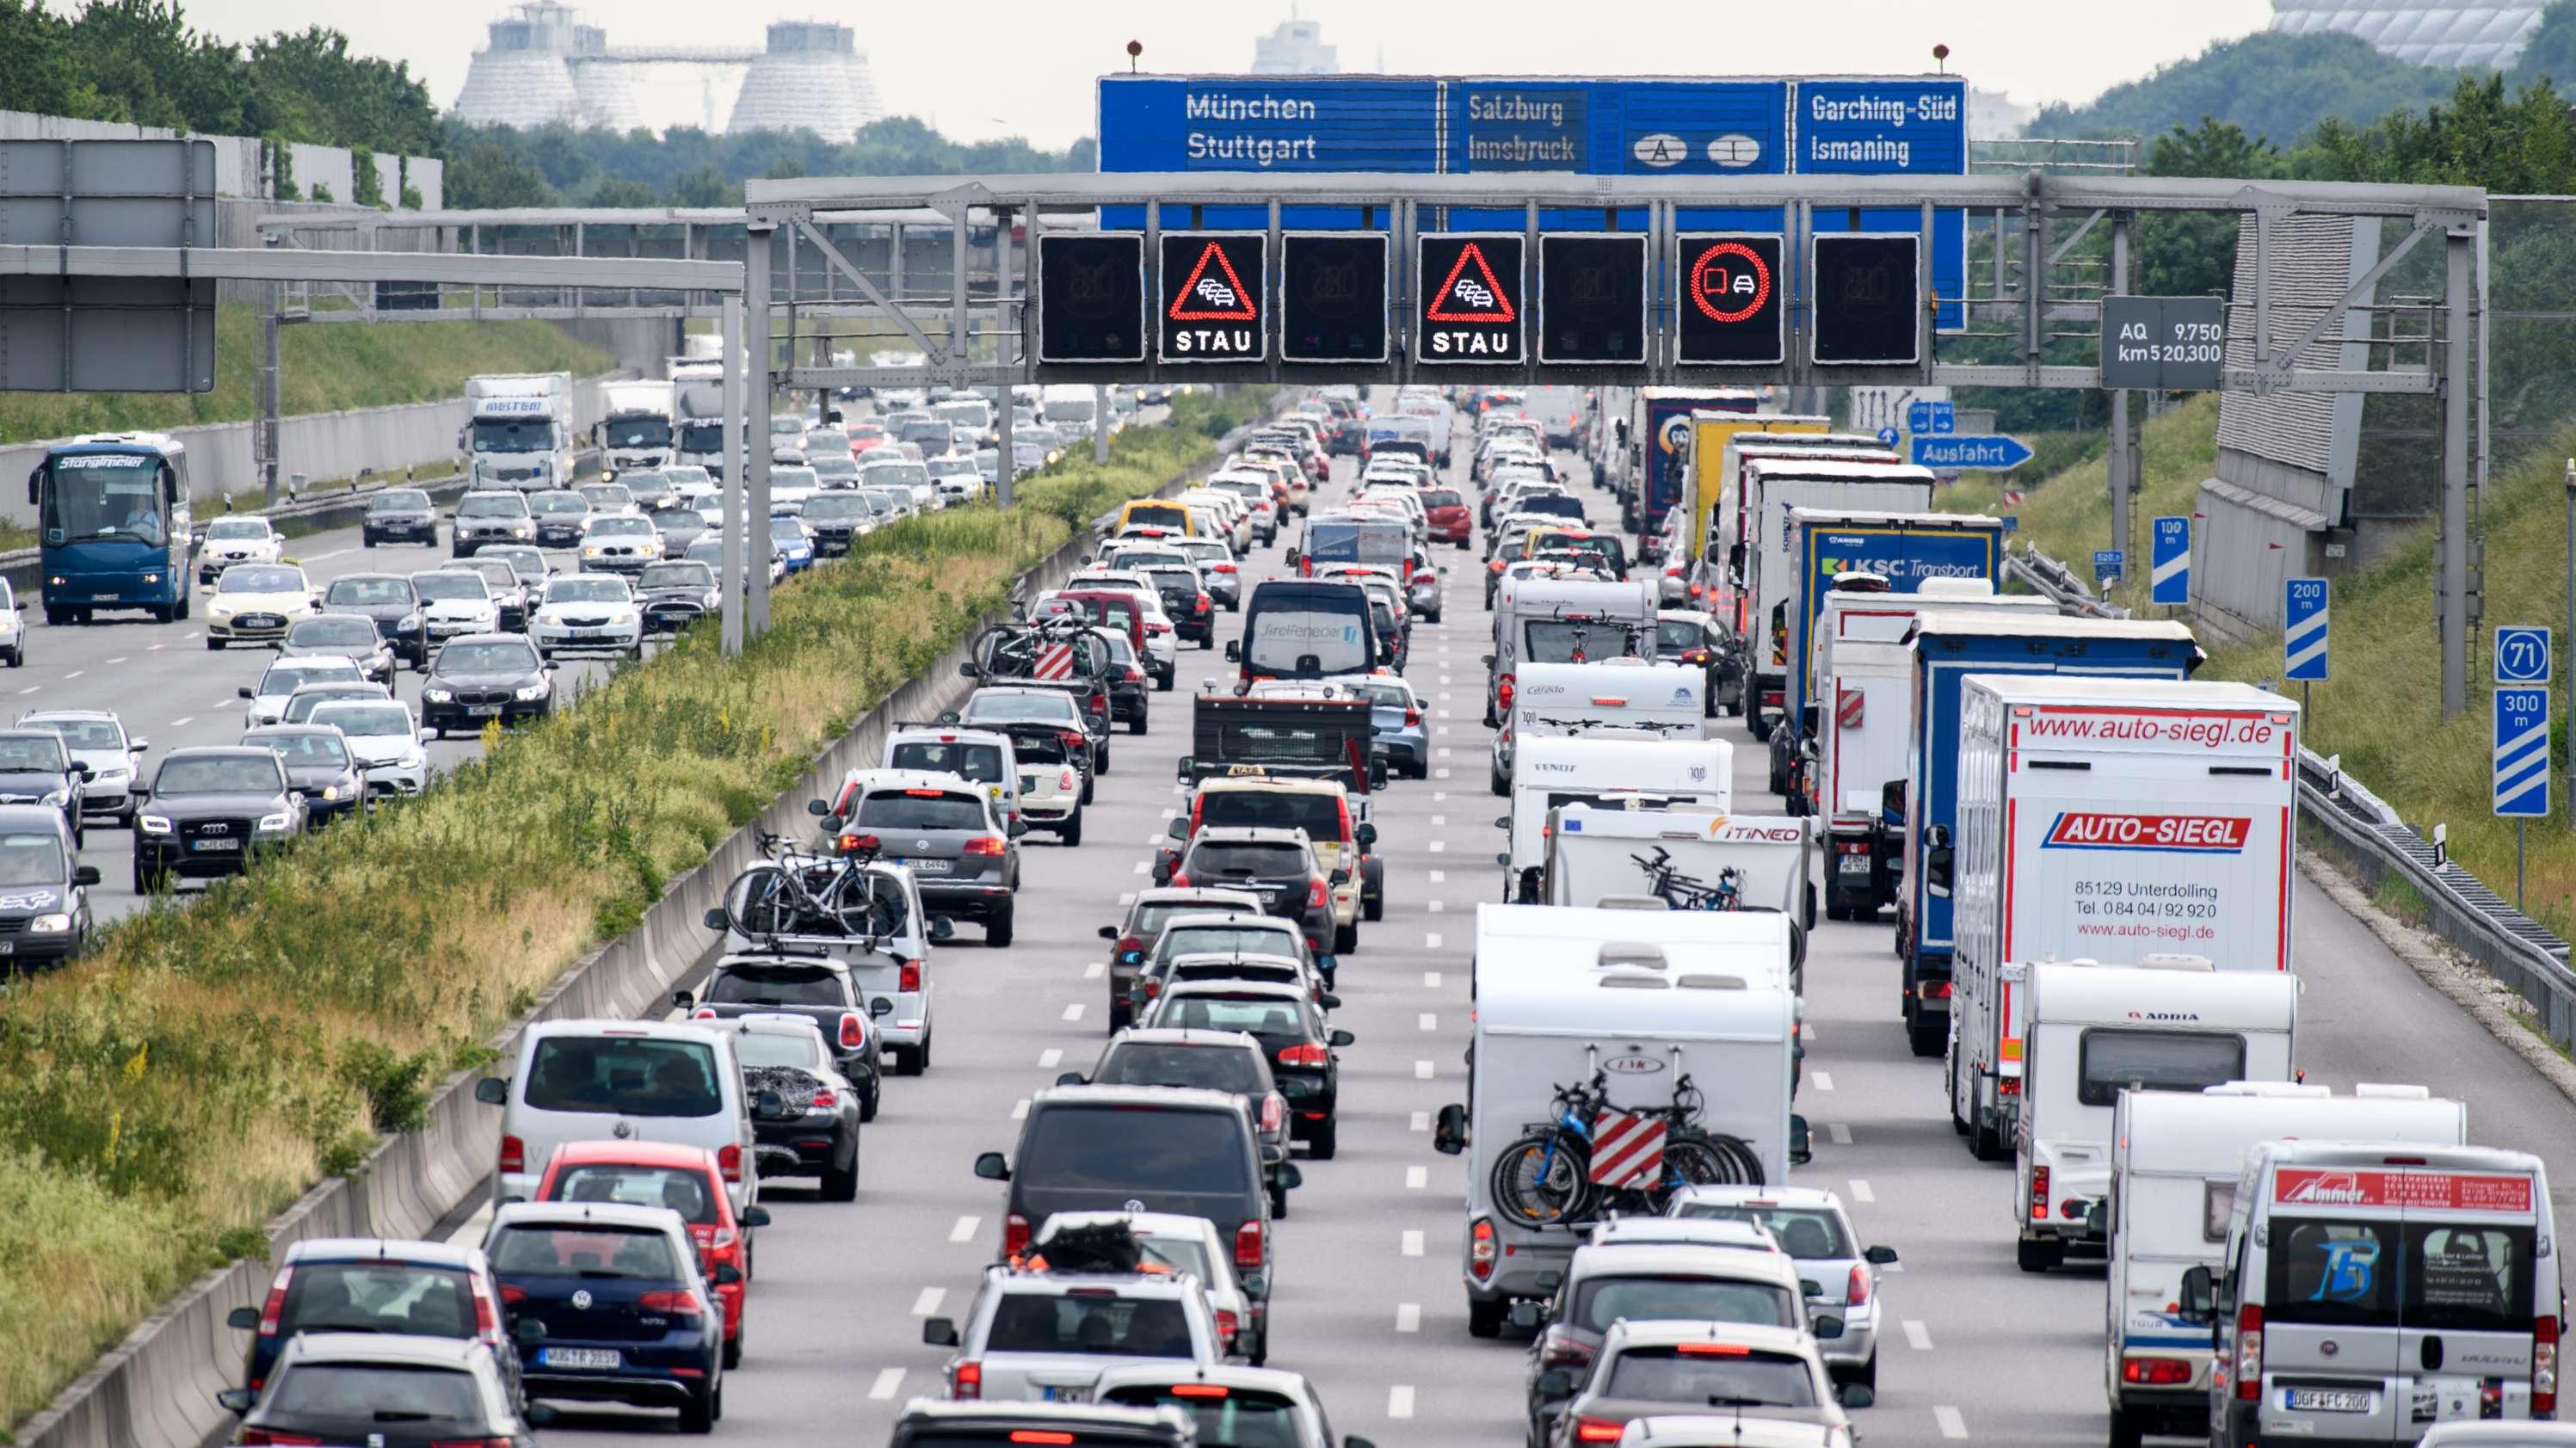 Zähfließender Verkehr herrscht auf der Autobahn A9 bei München